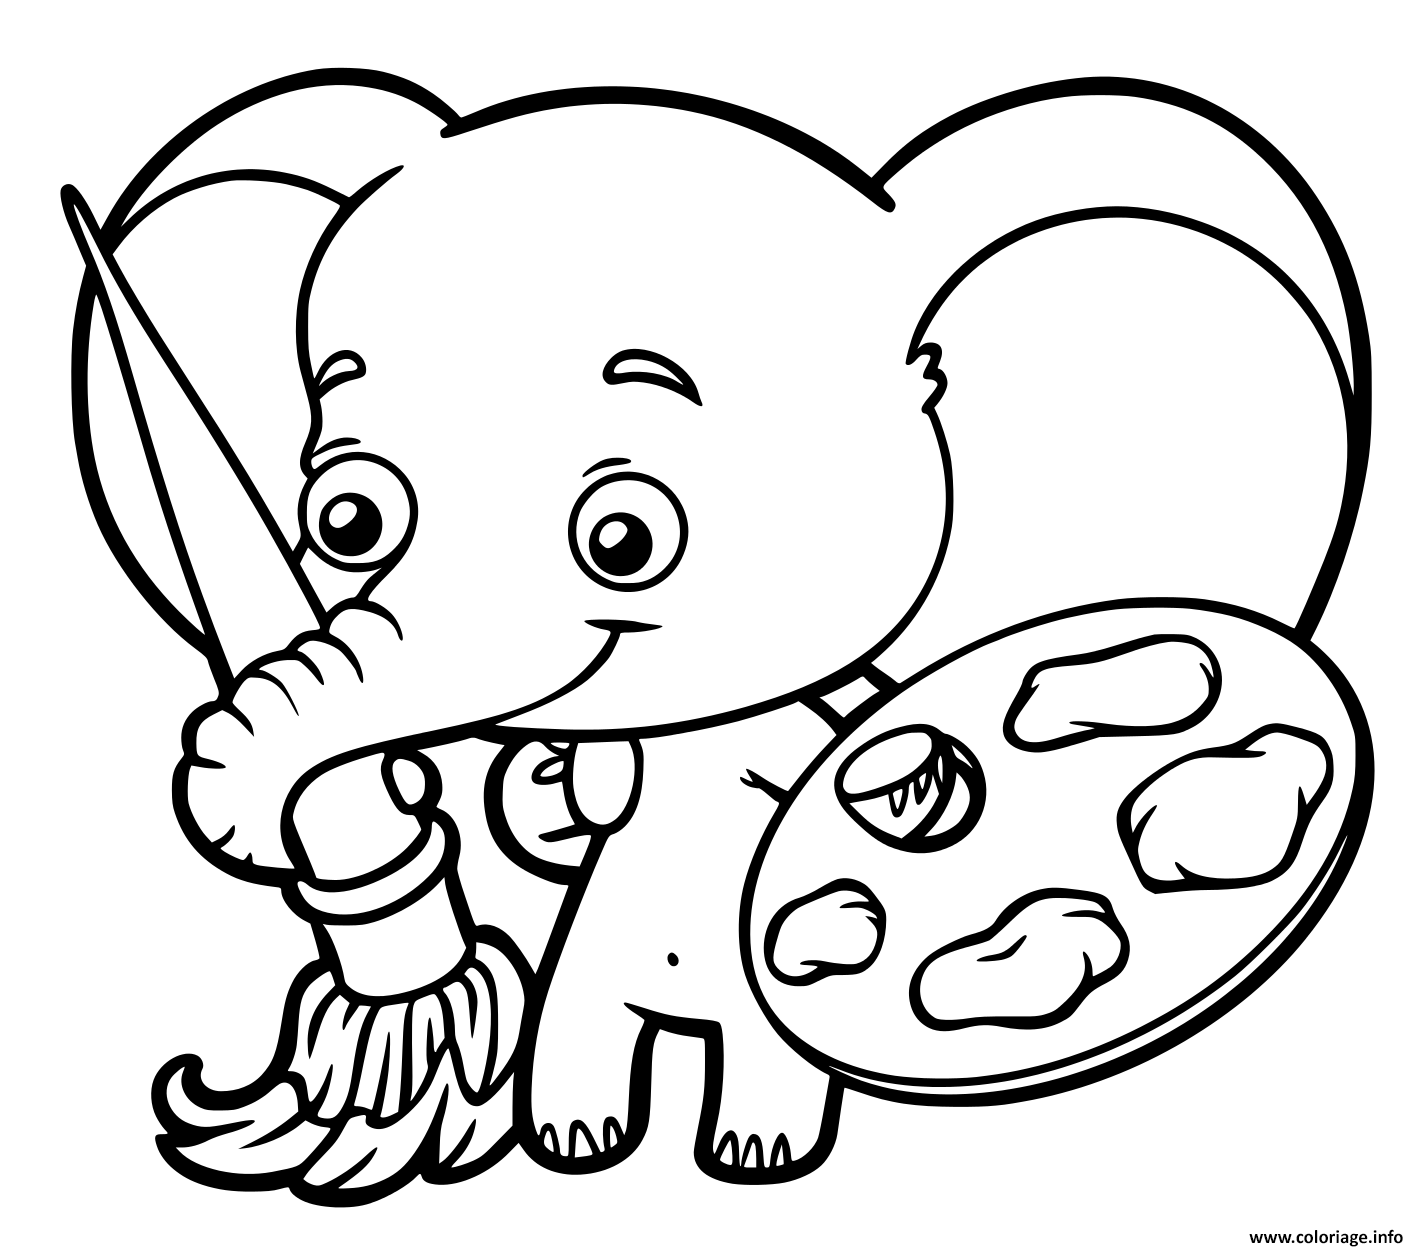 Coloriage Bebe Elephant.Coloriage Bebe Elephant Qui Peinture Jecolorie Com